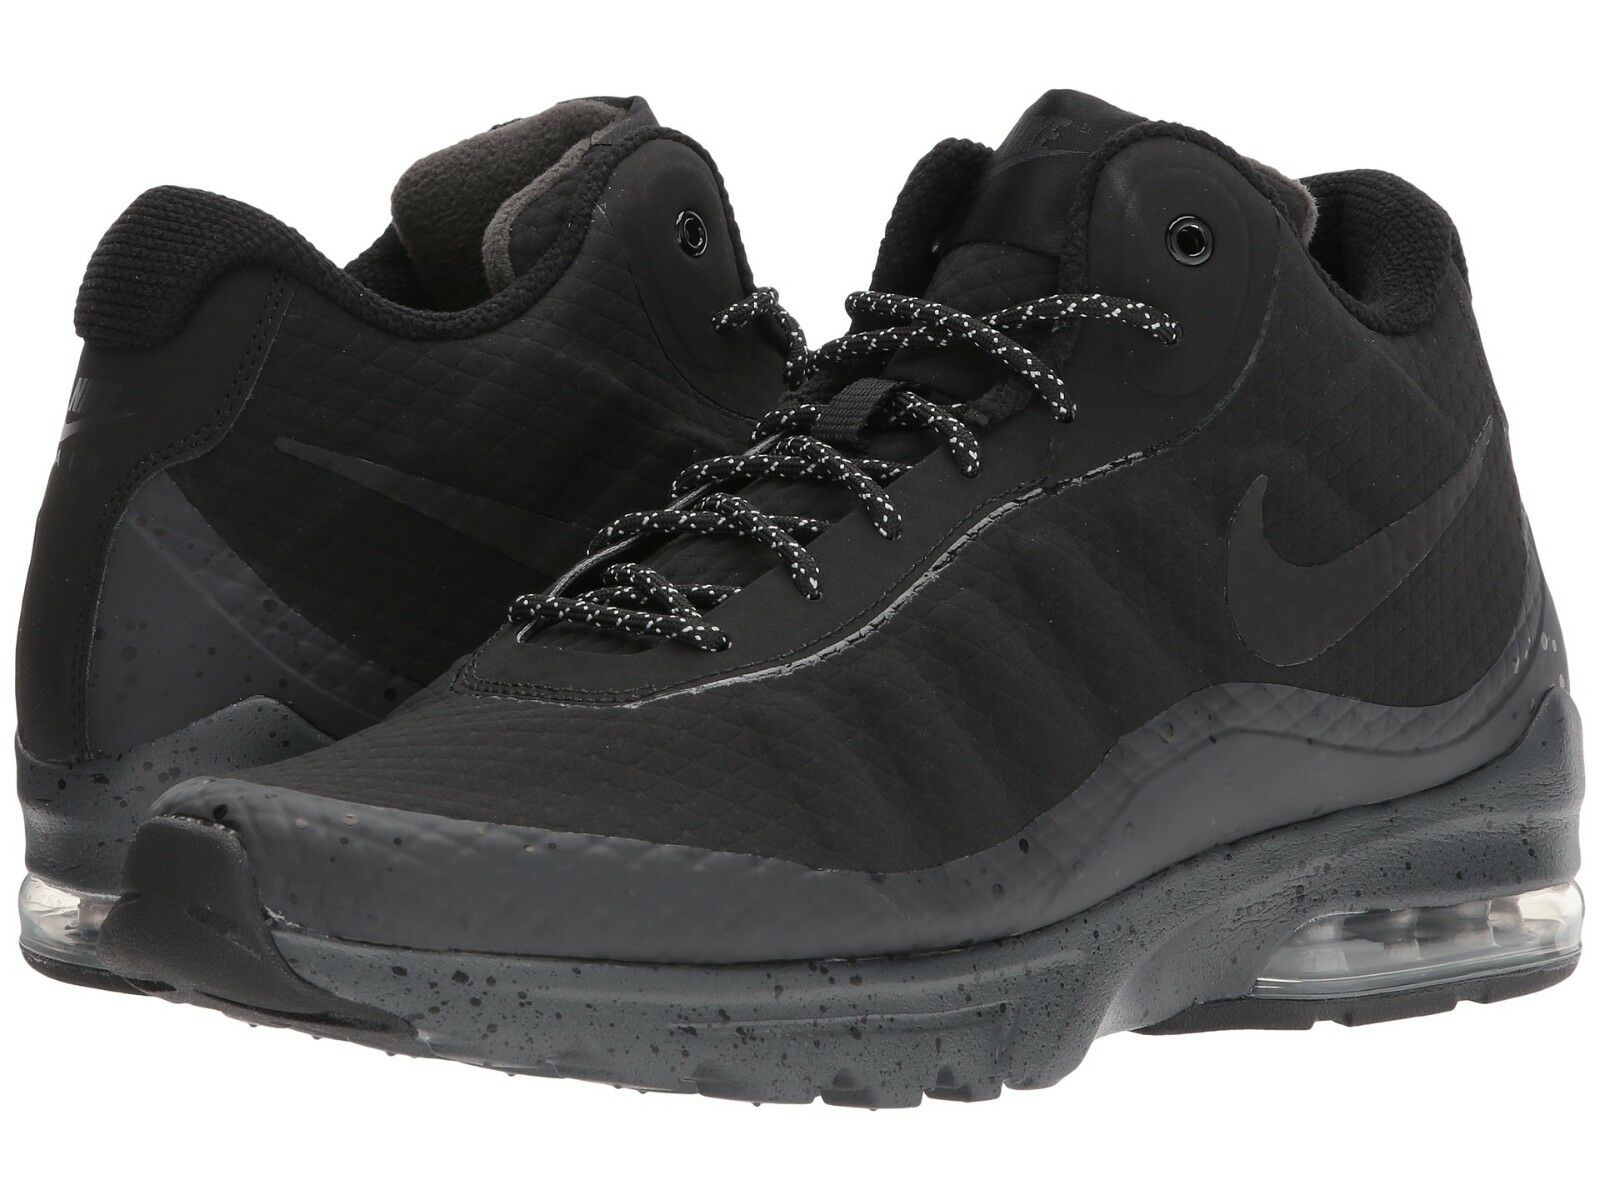 858654-004 Air Nike Air 858654-004 Max Invigor Mid noir/noir-Anthracite 846354